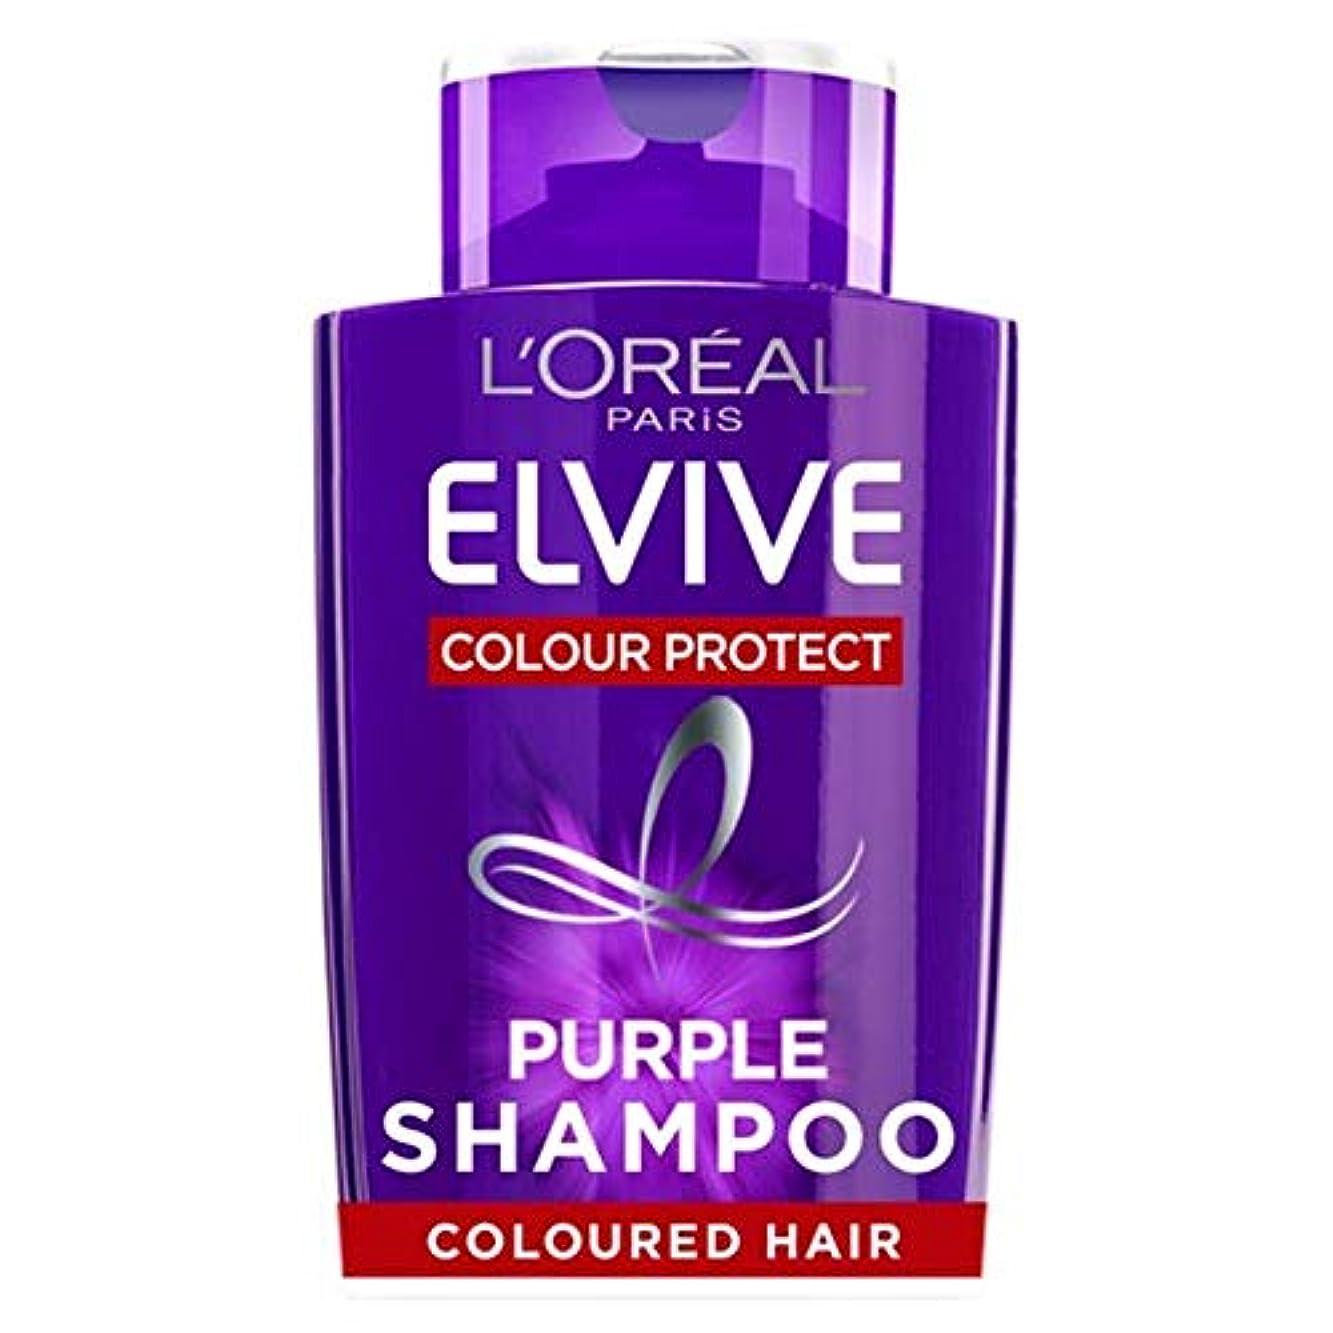 アクセスできない差リア王[Elvive] ロレアルElvive色は紫色のシャンプー200ミリリットルを保護します - L'oreal Elvive Colour Protect Purple Shampoo 200Ml [並行輸入品]